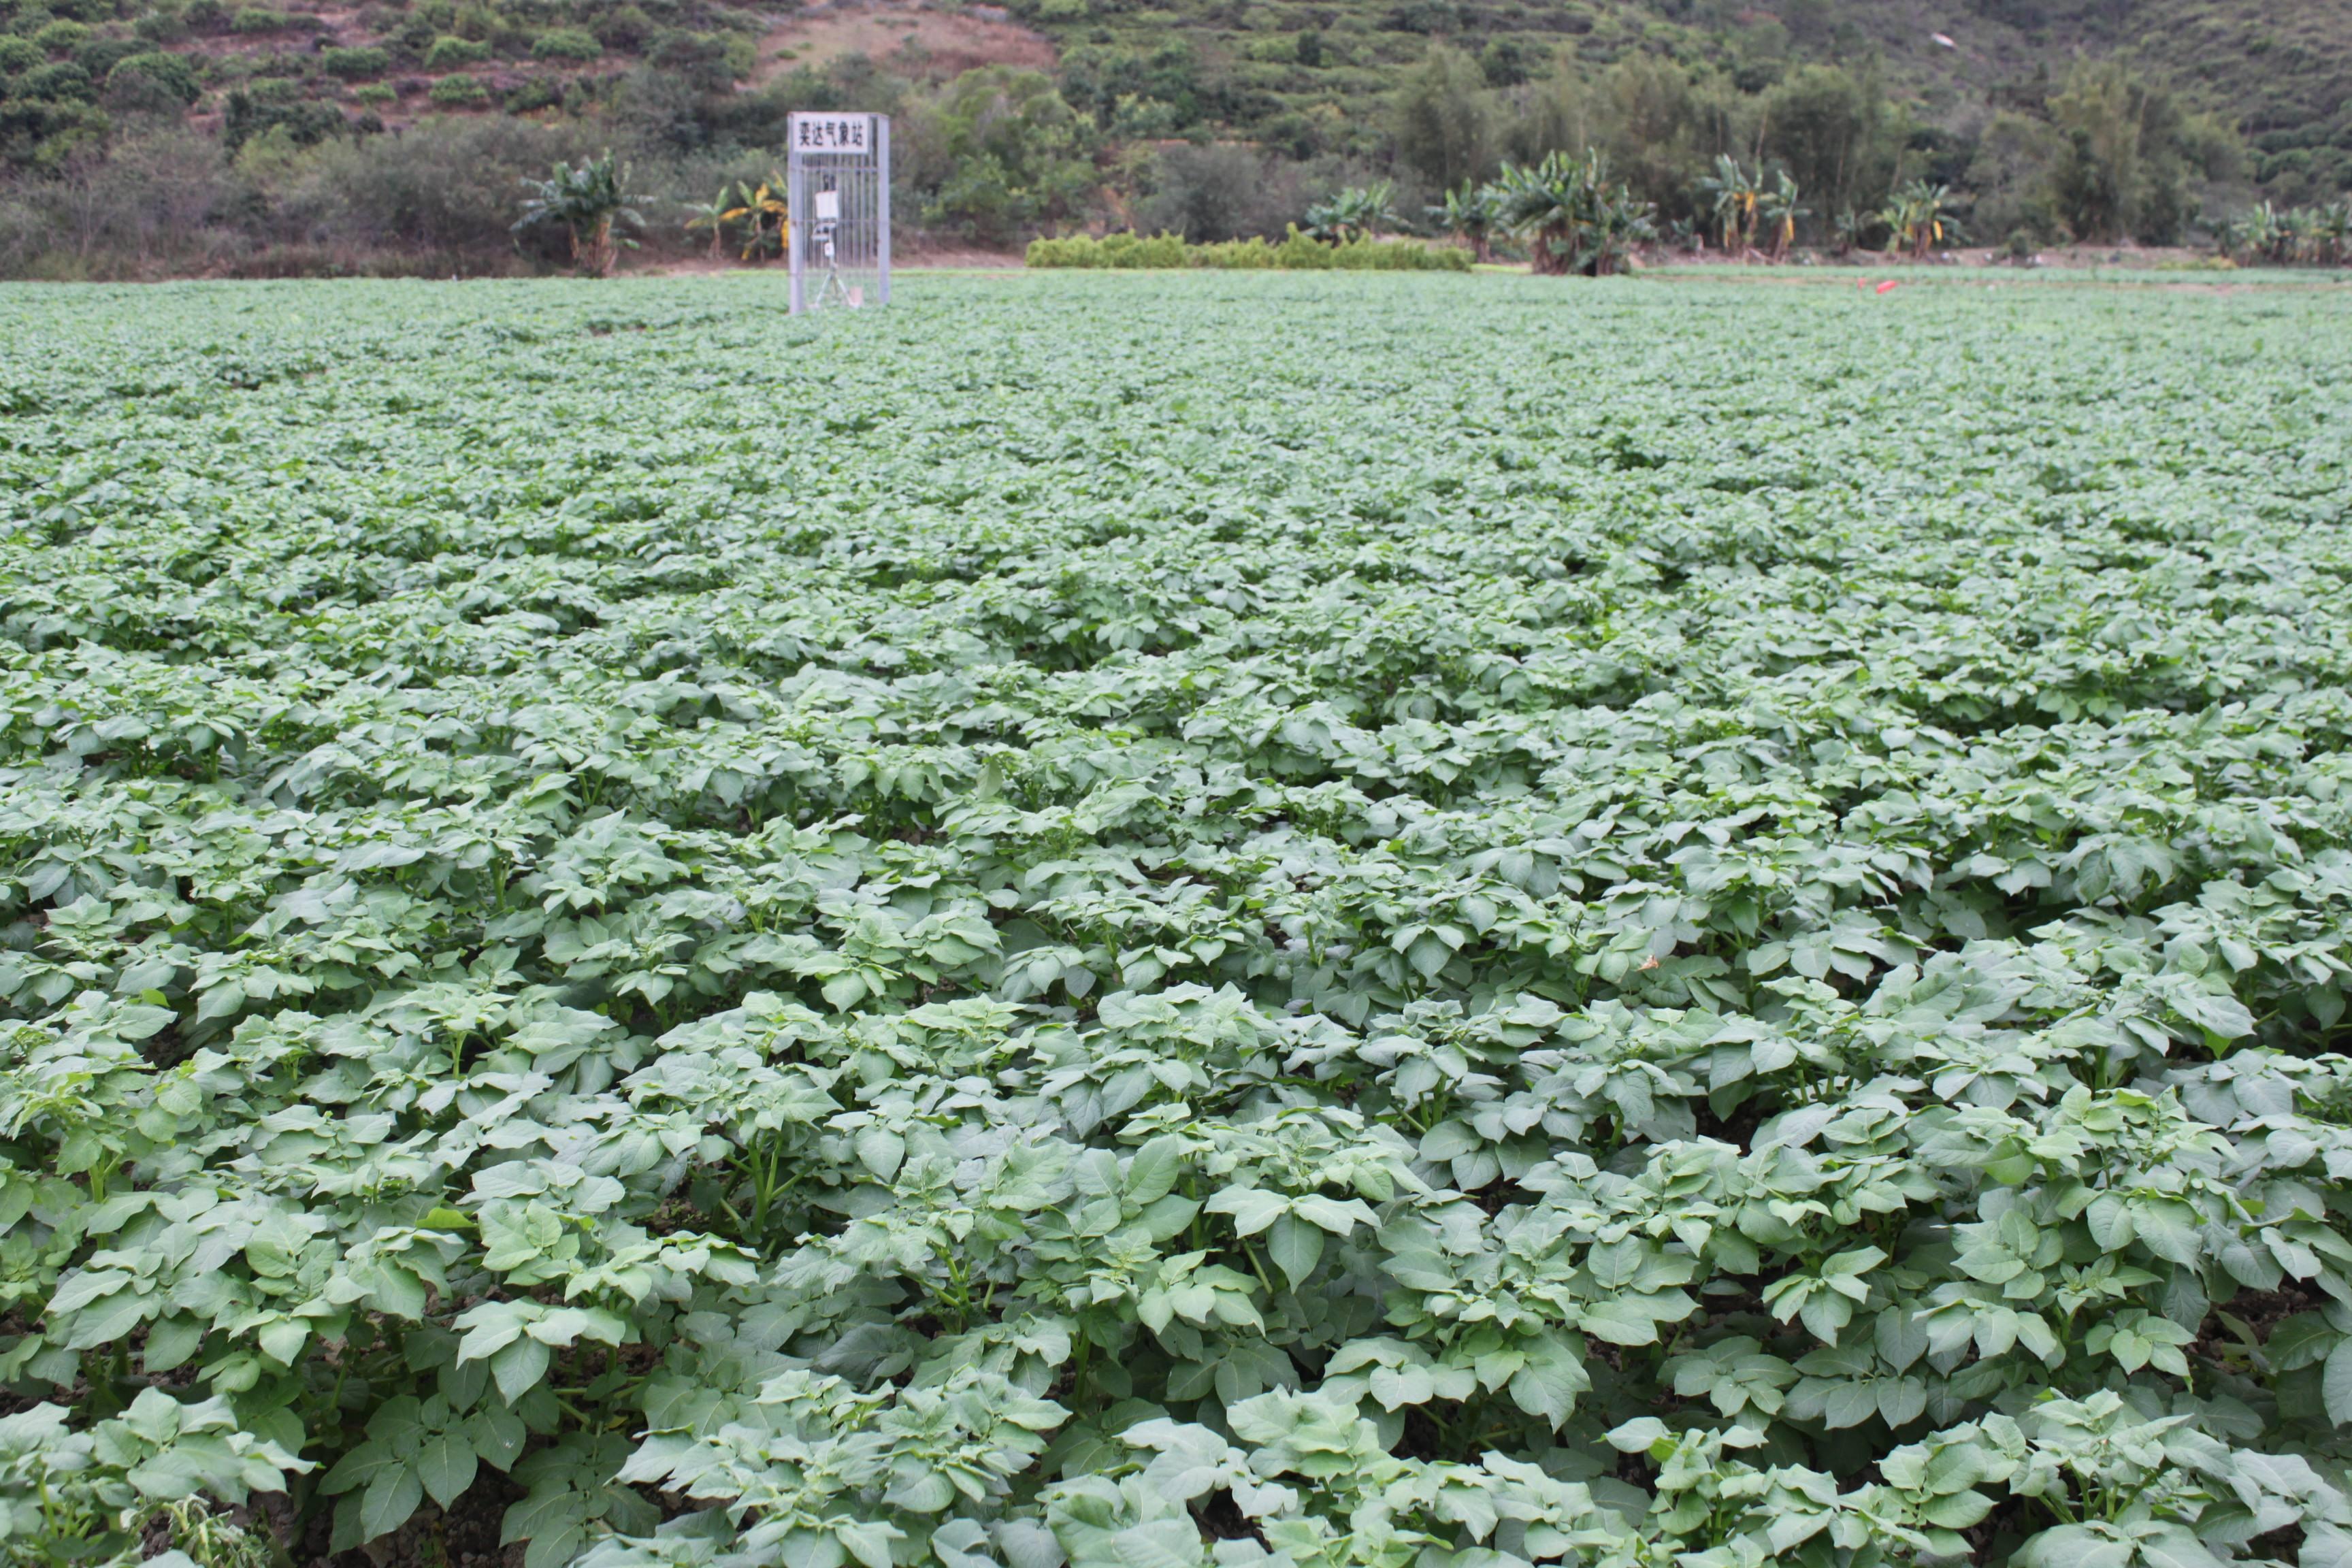 广东冬种马铃薯高产高效栽培技术_薯卫士_马铃薯支持平台